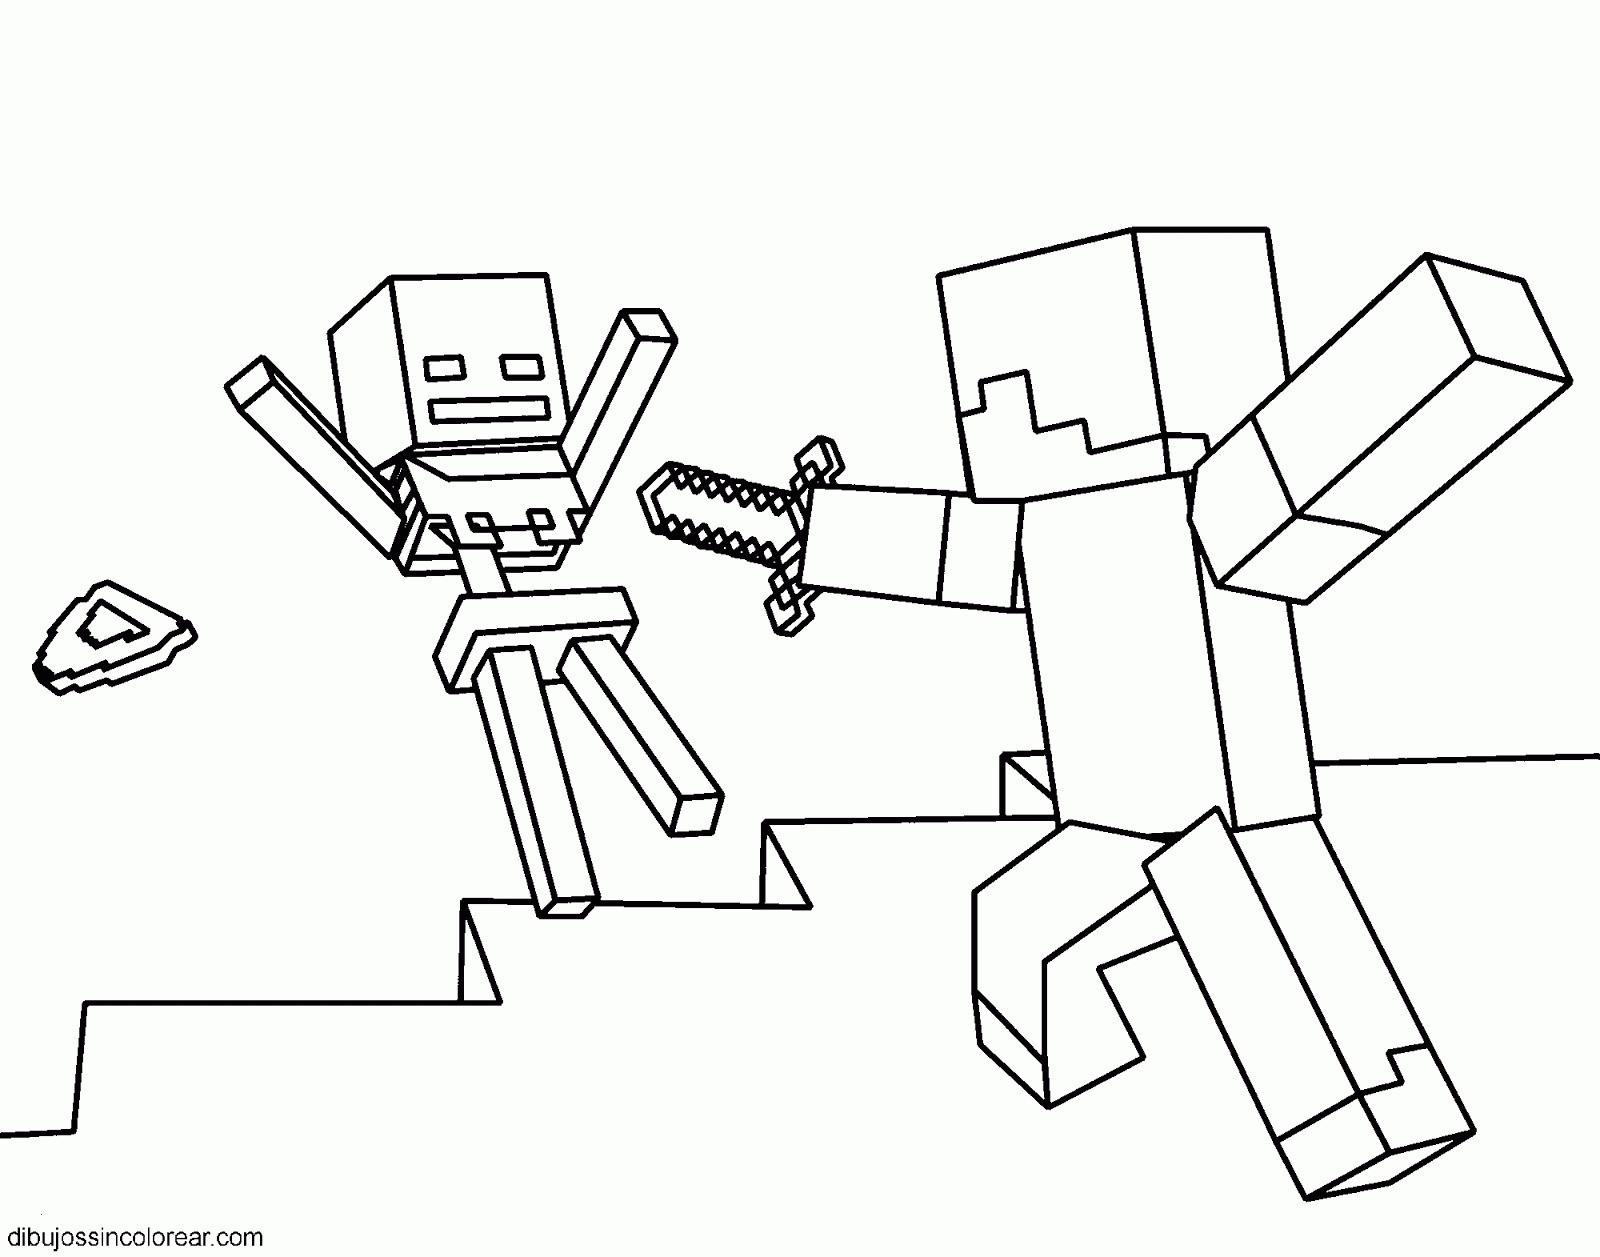 Minecraft Ausmalbilder Enderman Neu Minecraft Drawing at Getdrawings Elegant Minecraft Ausmalbilder Das Bild